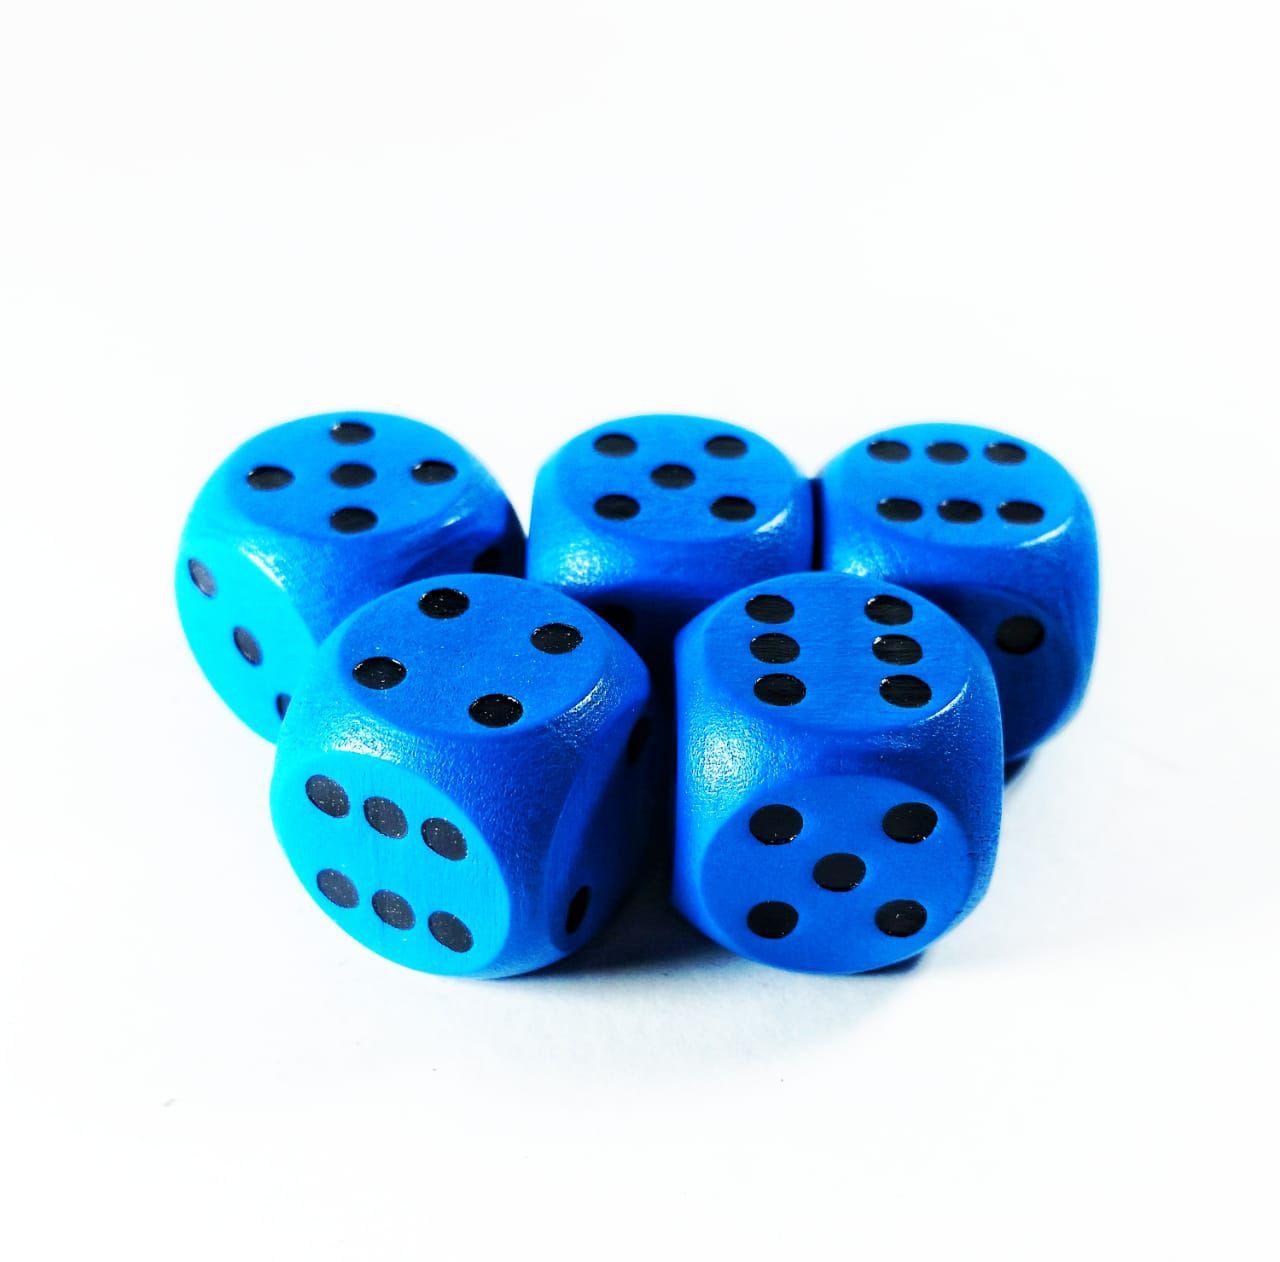 Conjunto 5 dados de madeira D6 azuis 1,5cm  - Place Games